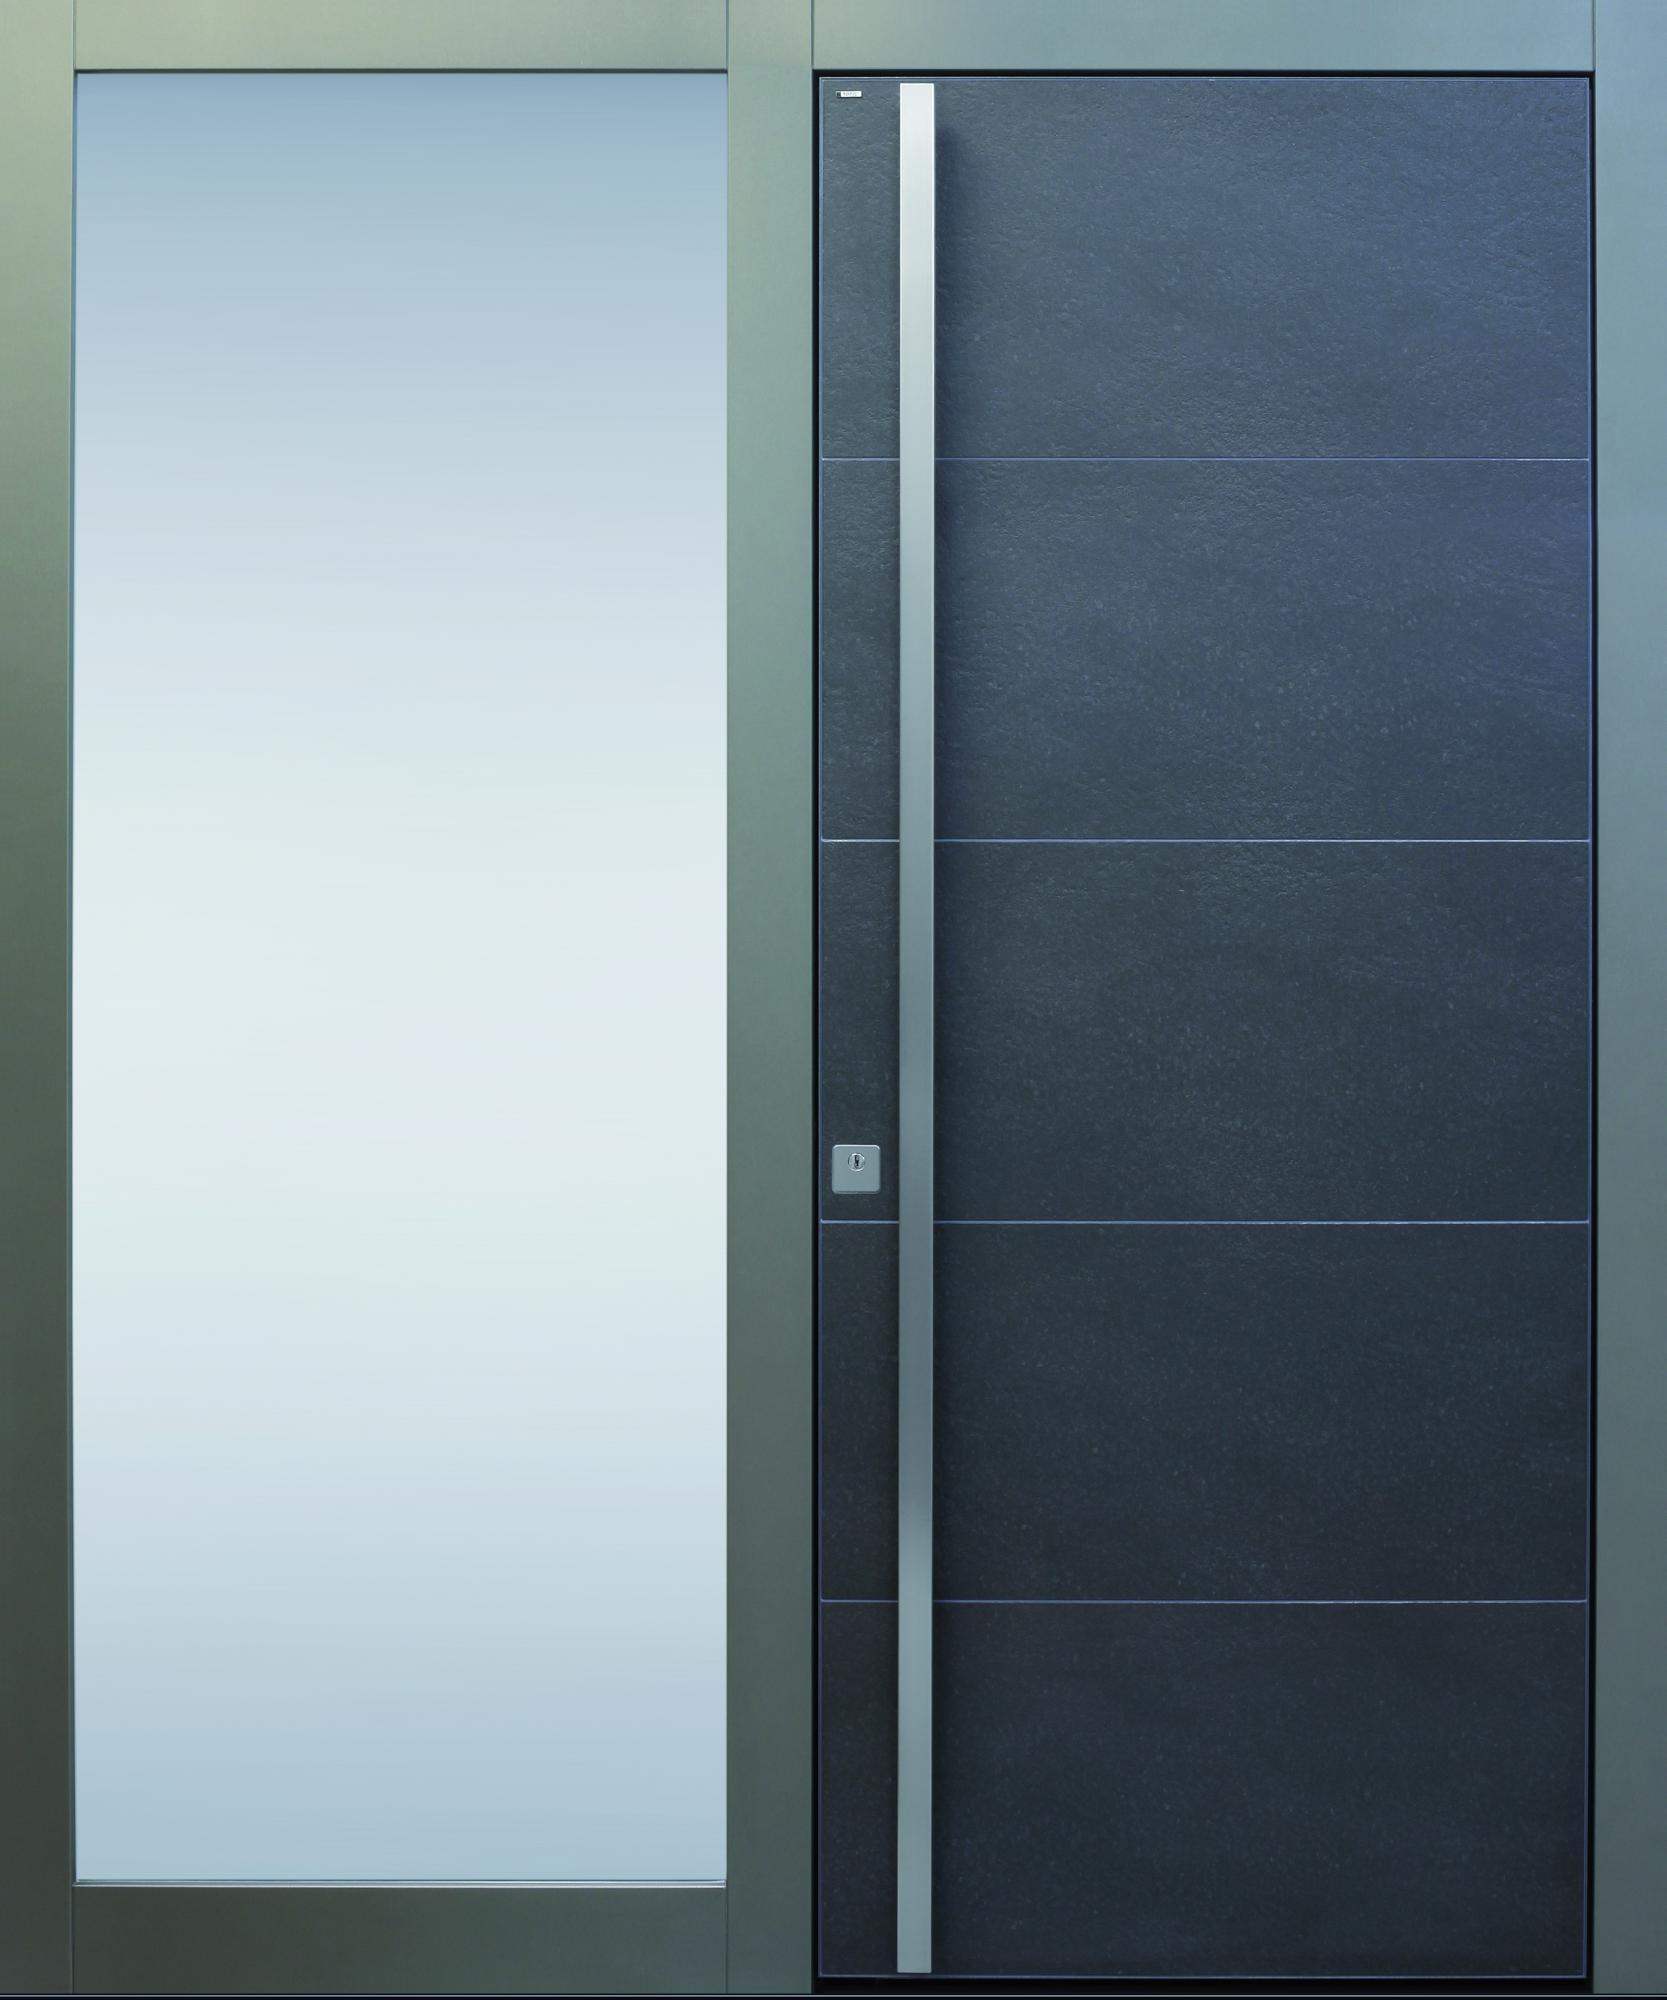 Haustüren anthrazit mit seitenteil  Haustüren ohne Lichtausschnitt | TOPIC Haustüren u. Wohnungstüren ...